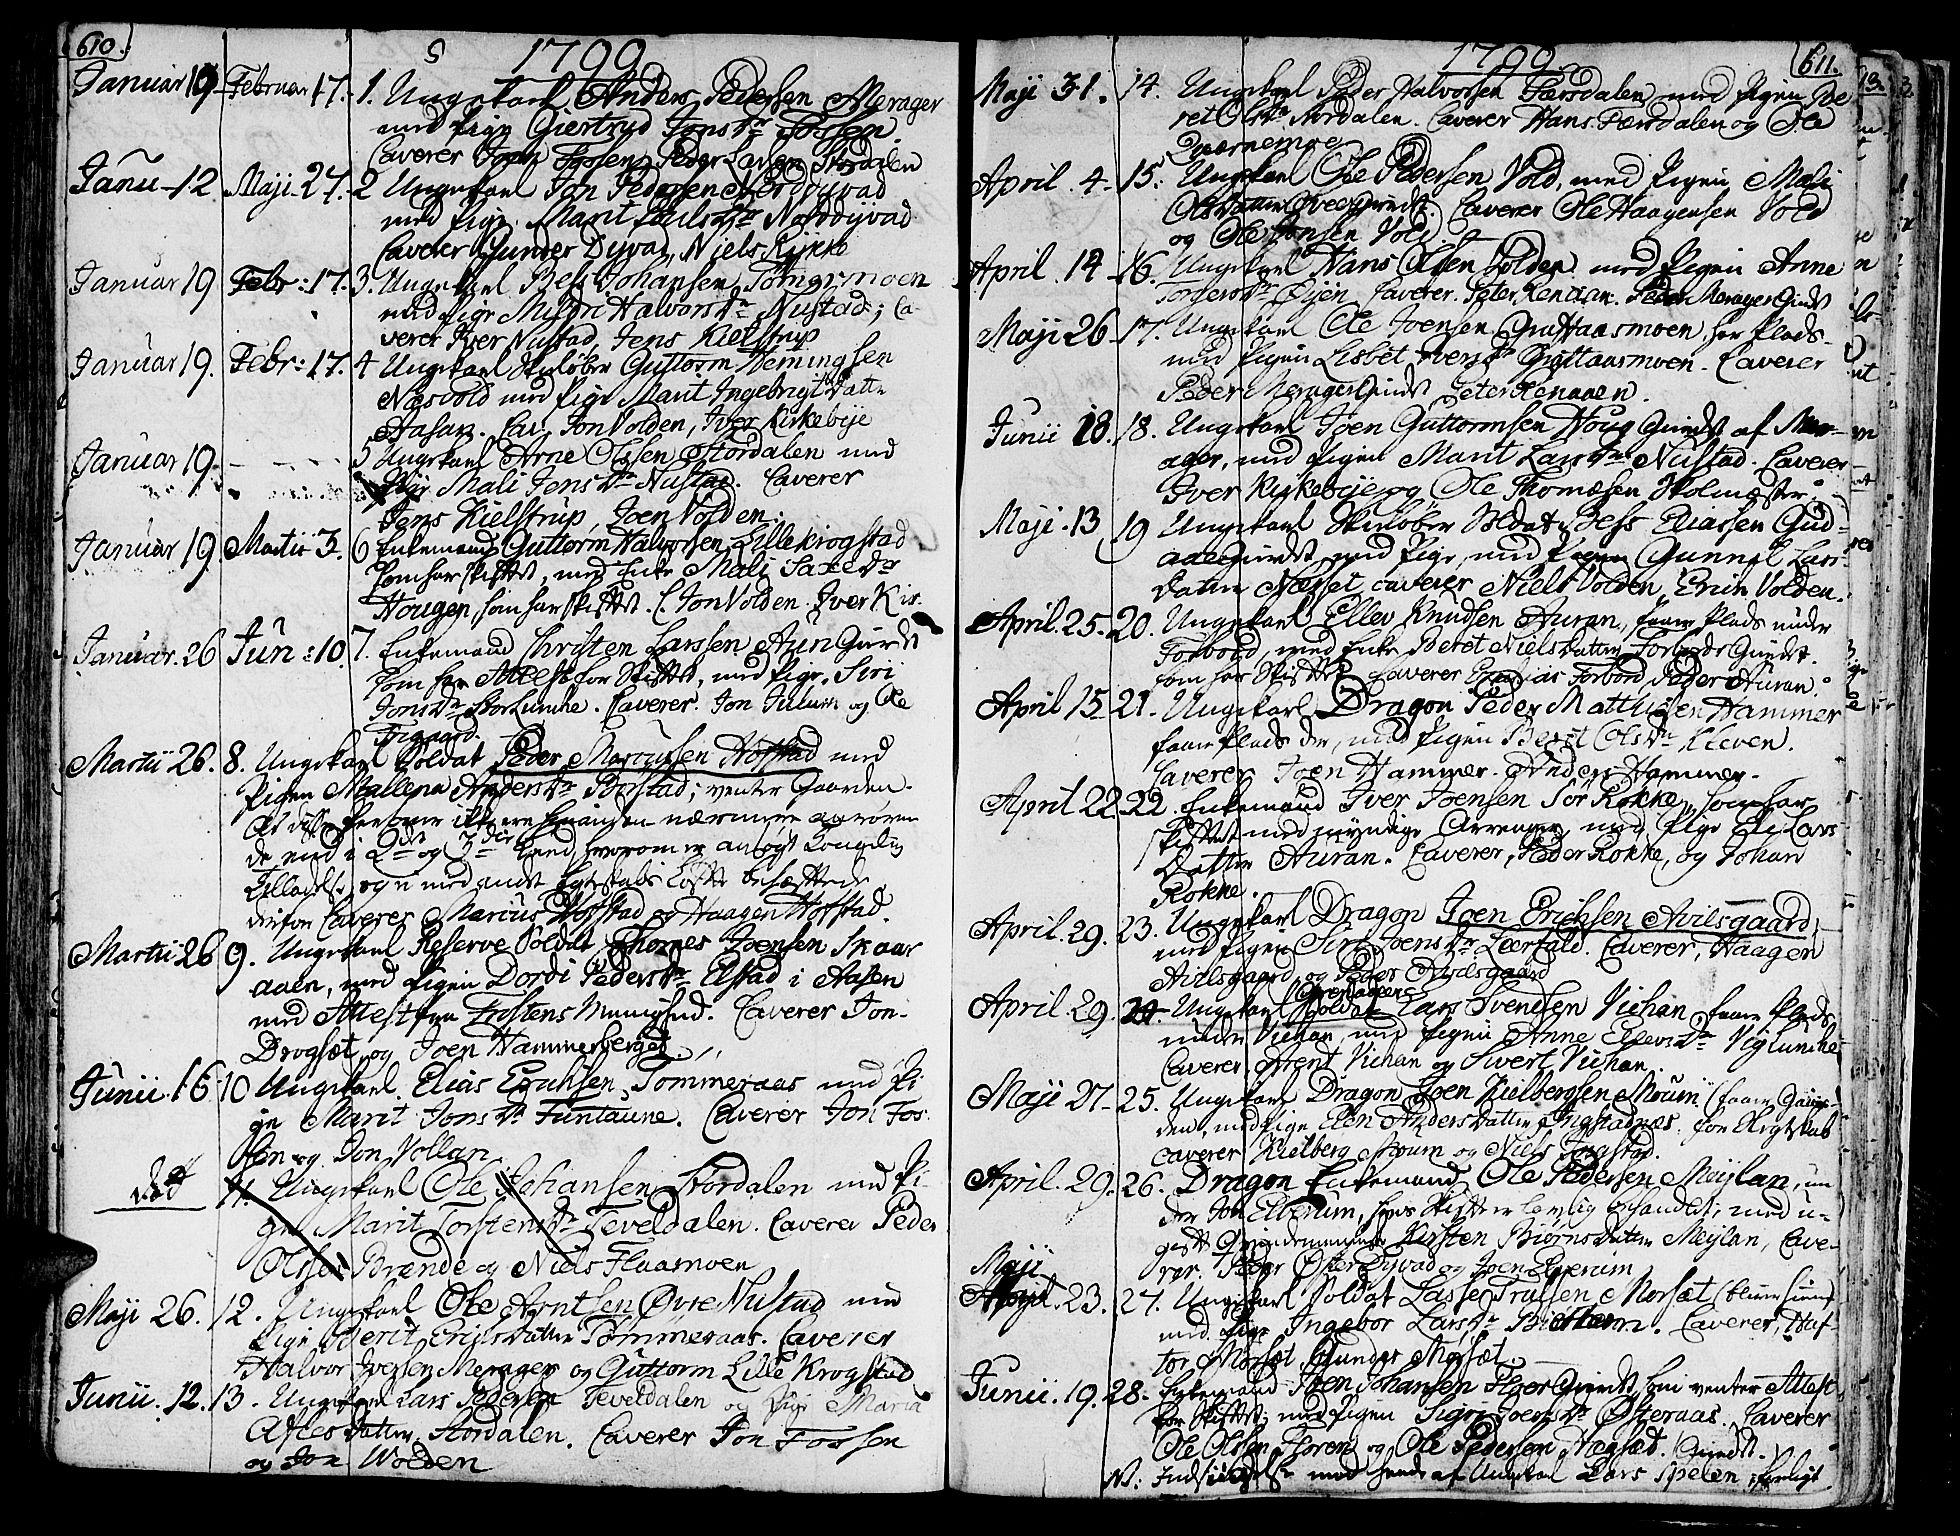 SAT, Ministerialprotokoller, klokkerbøker og fødselsregistre - Nord-Trøndelag, 709/L0060: Ministerialbok nr. 709A07, 1797-1815, s. 610-611